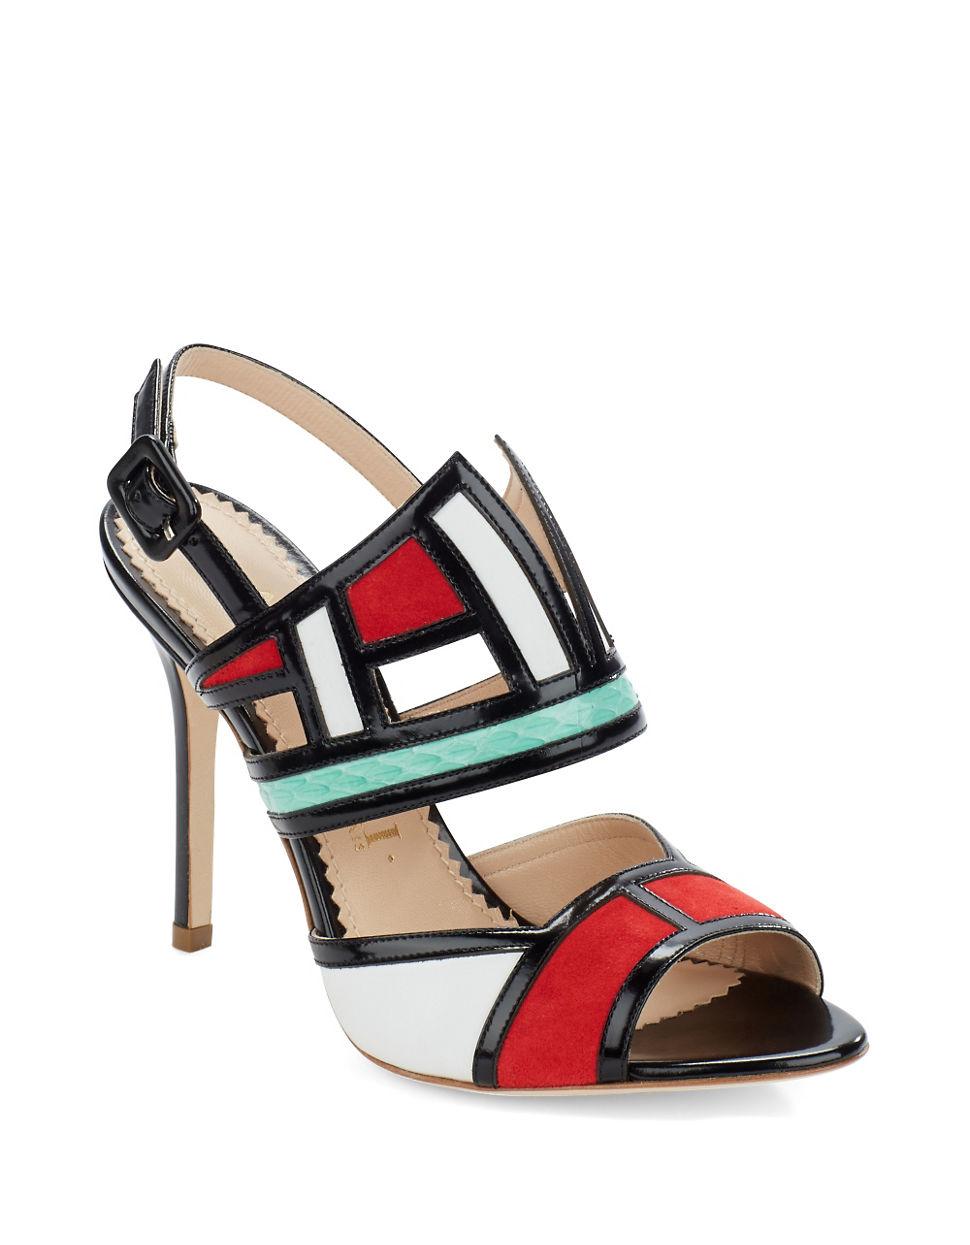 APERLAI Leather Sandals